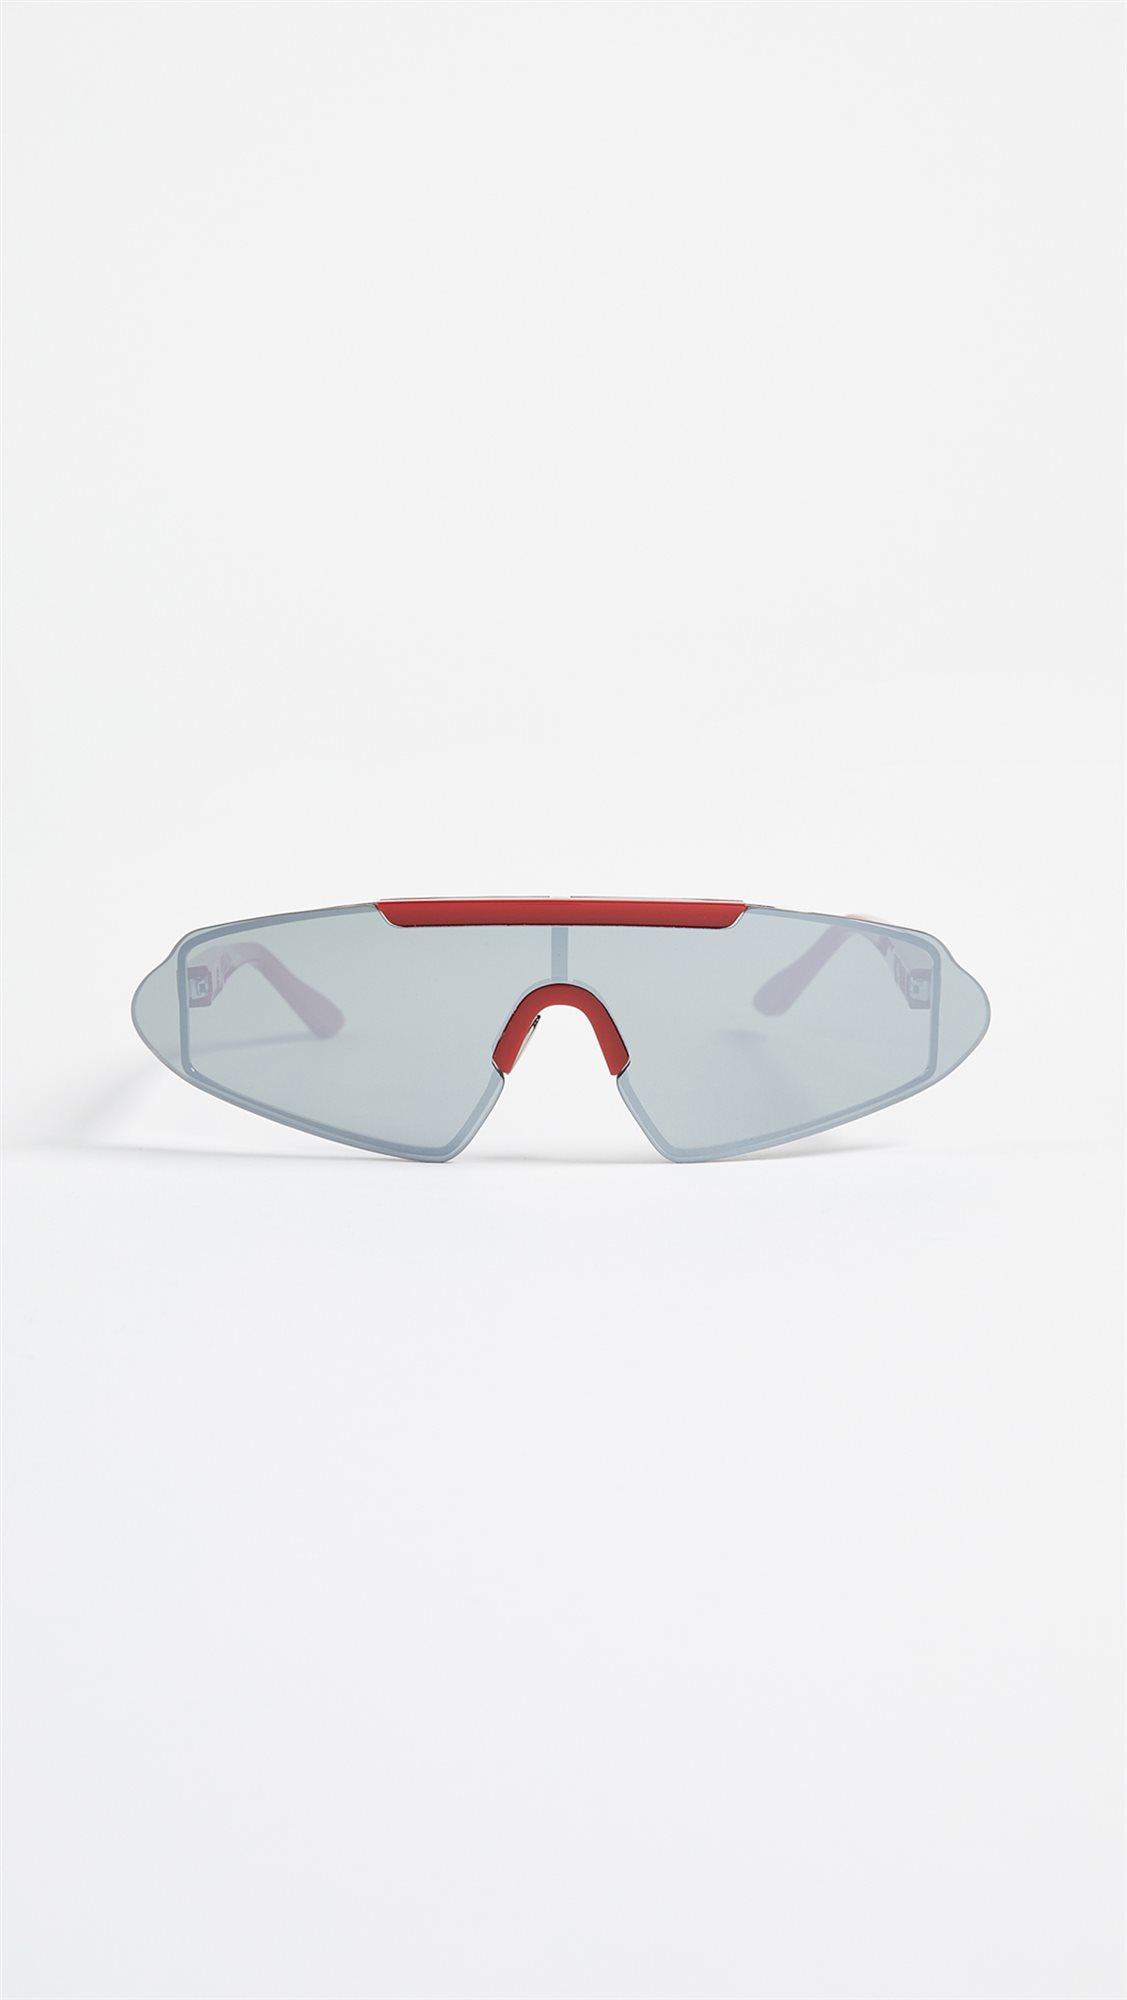 acne-studios-gafas-originales. Gafas de sol tipo 'ski retro' 63edb17fbf13